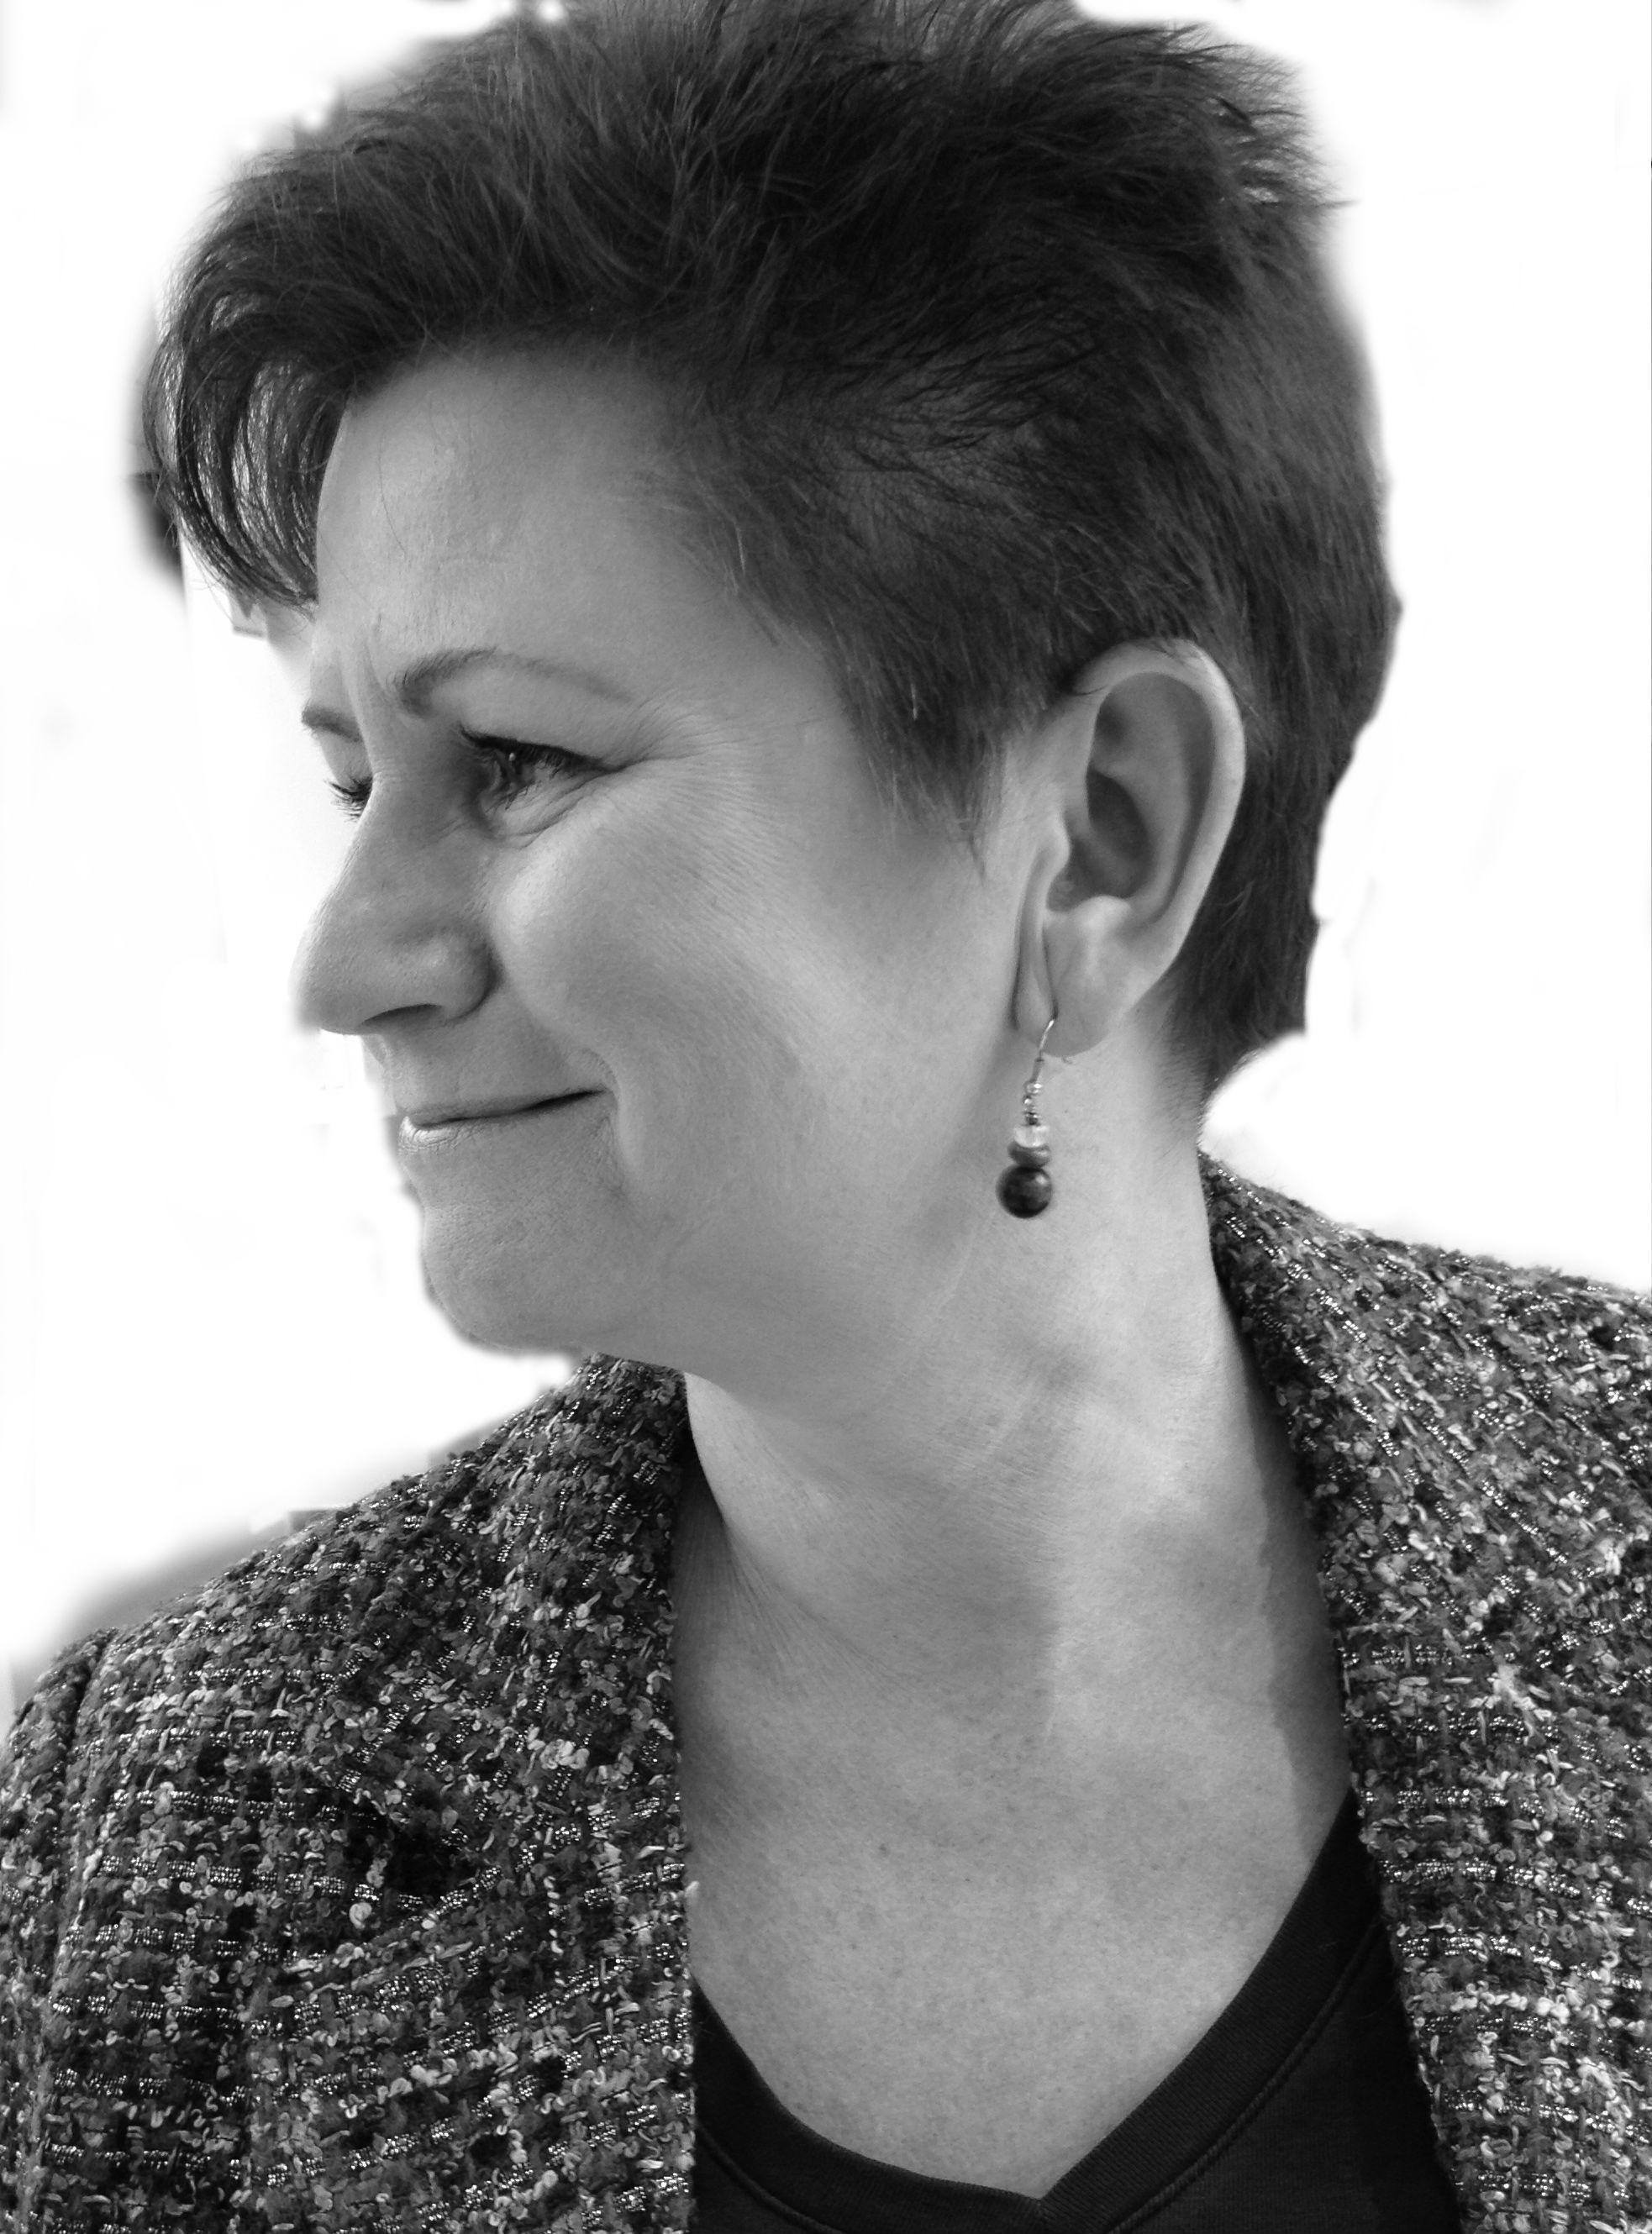 Darlene Sneden